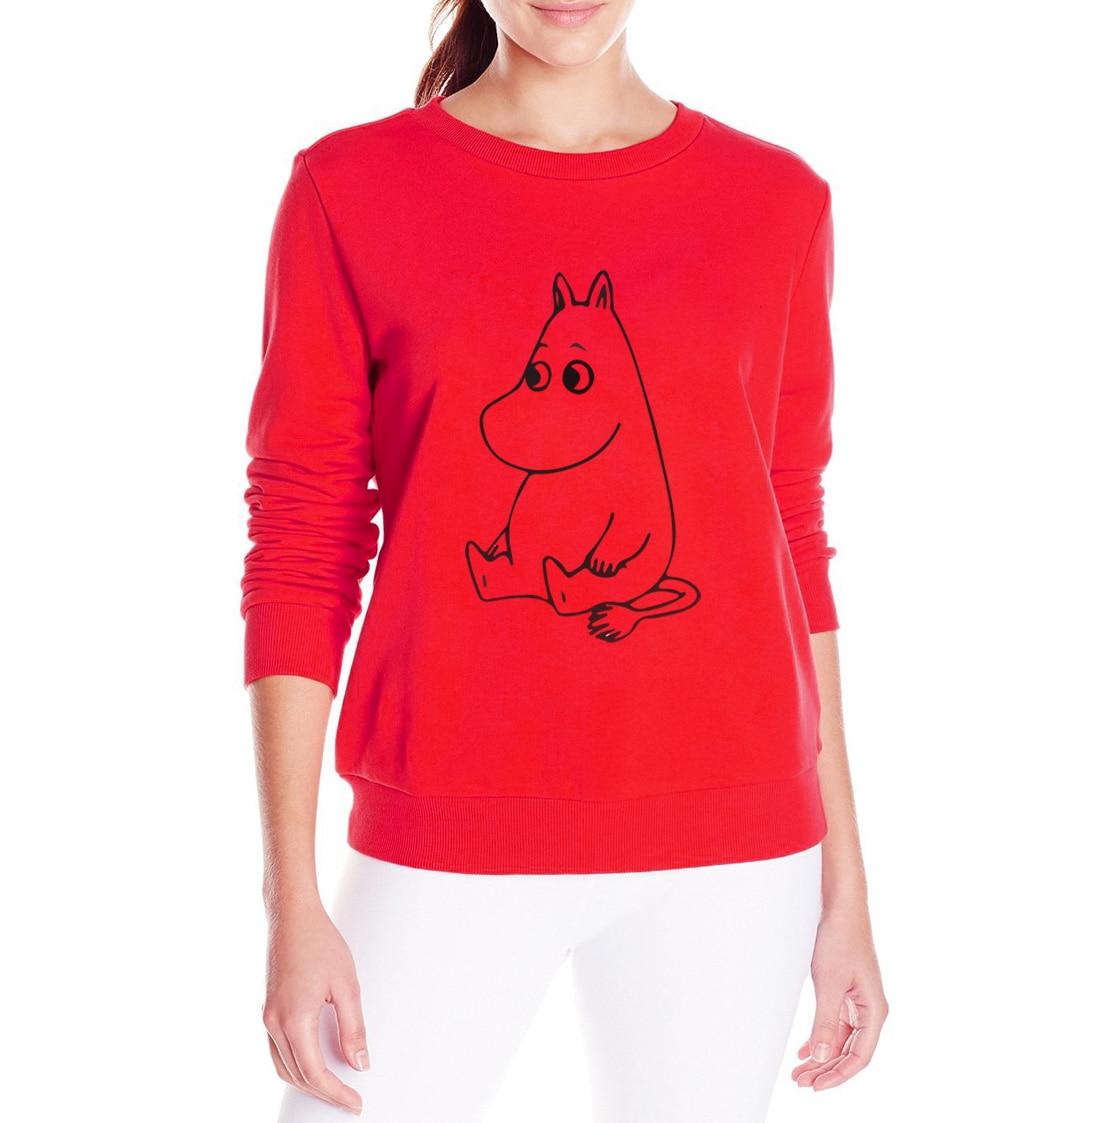 MUMINKI Kawaii Cartoon Wydrukowano bluza Kobiety bluzy z kapturem z polaru Śmieszne Przypadkowa kobieta swetry 2017 harajuku hip-hop marki dres 5